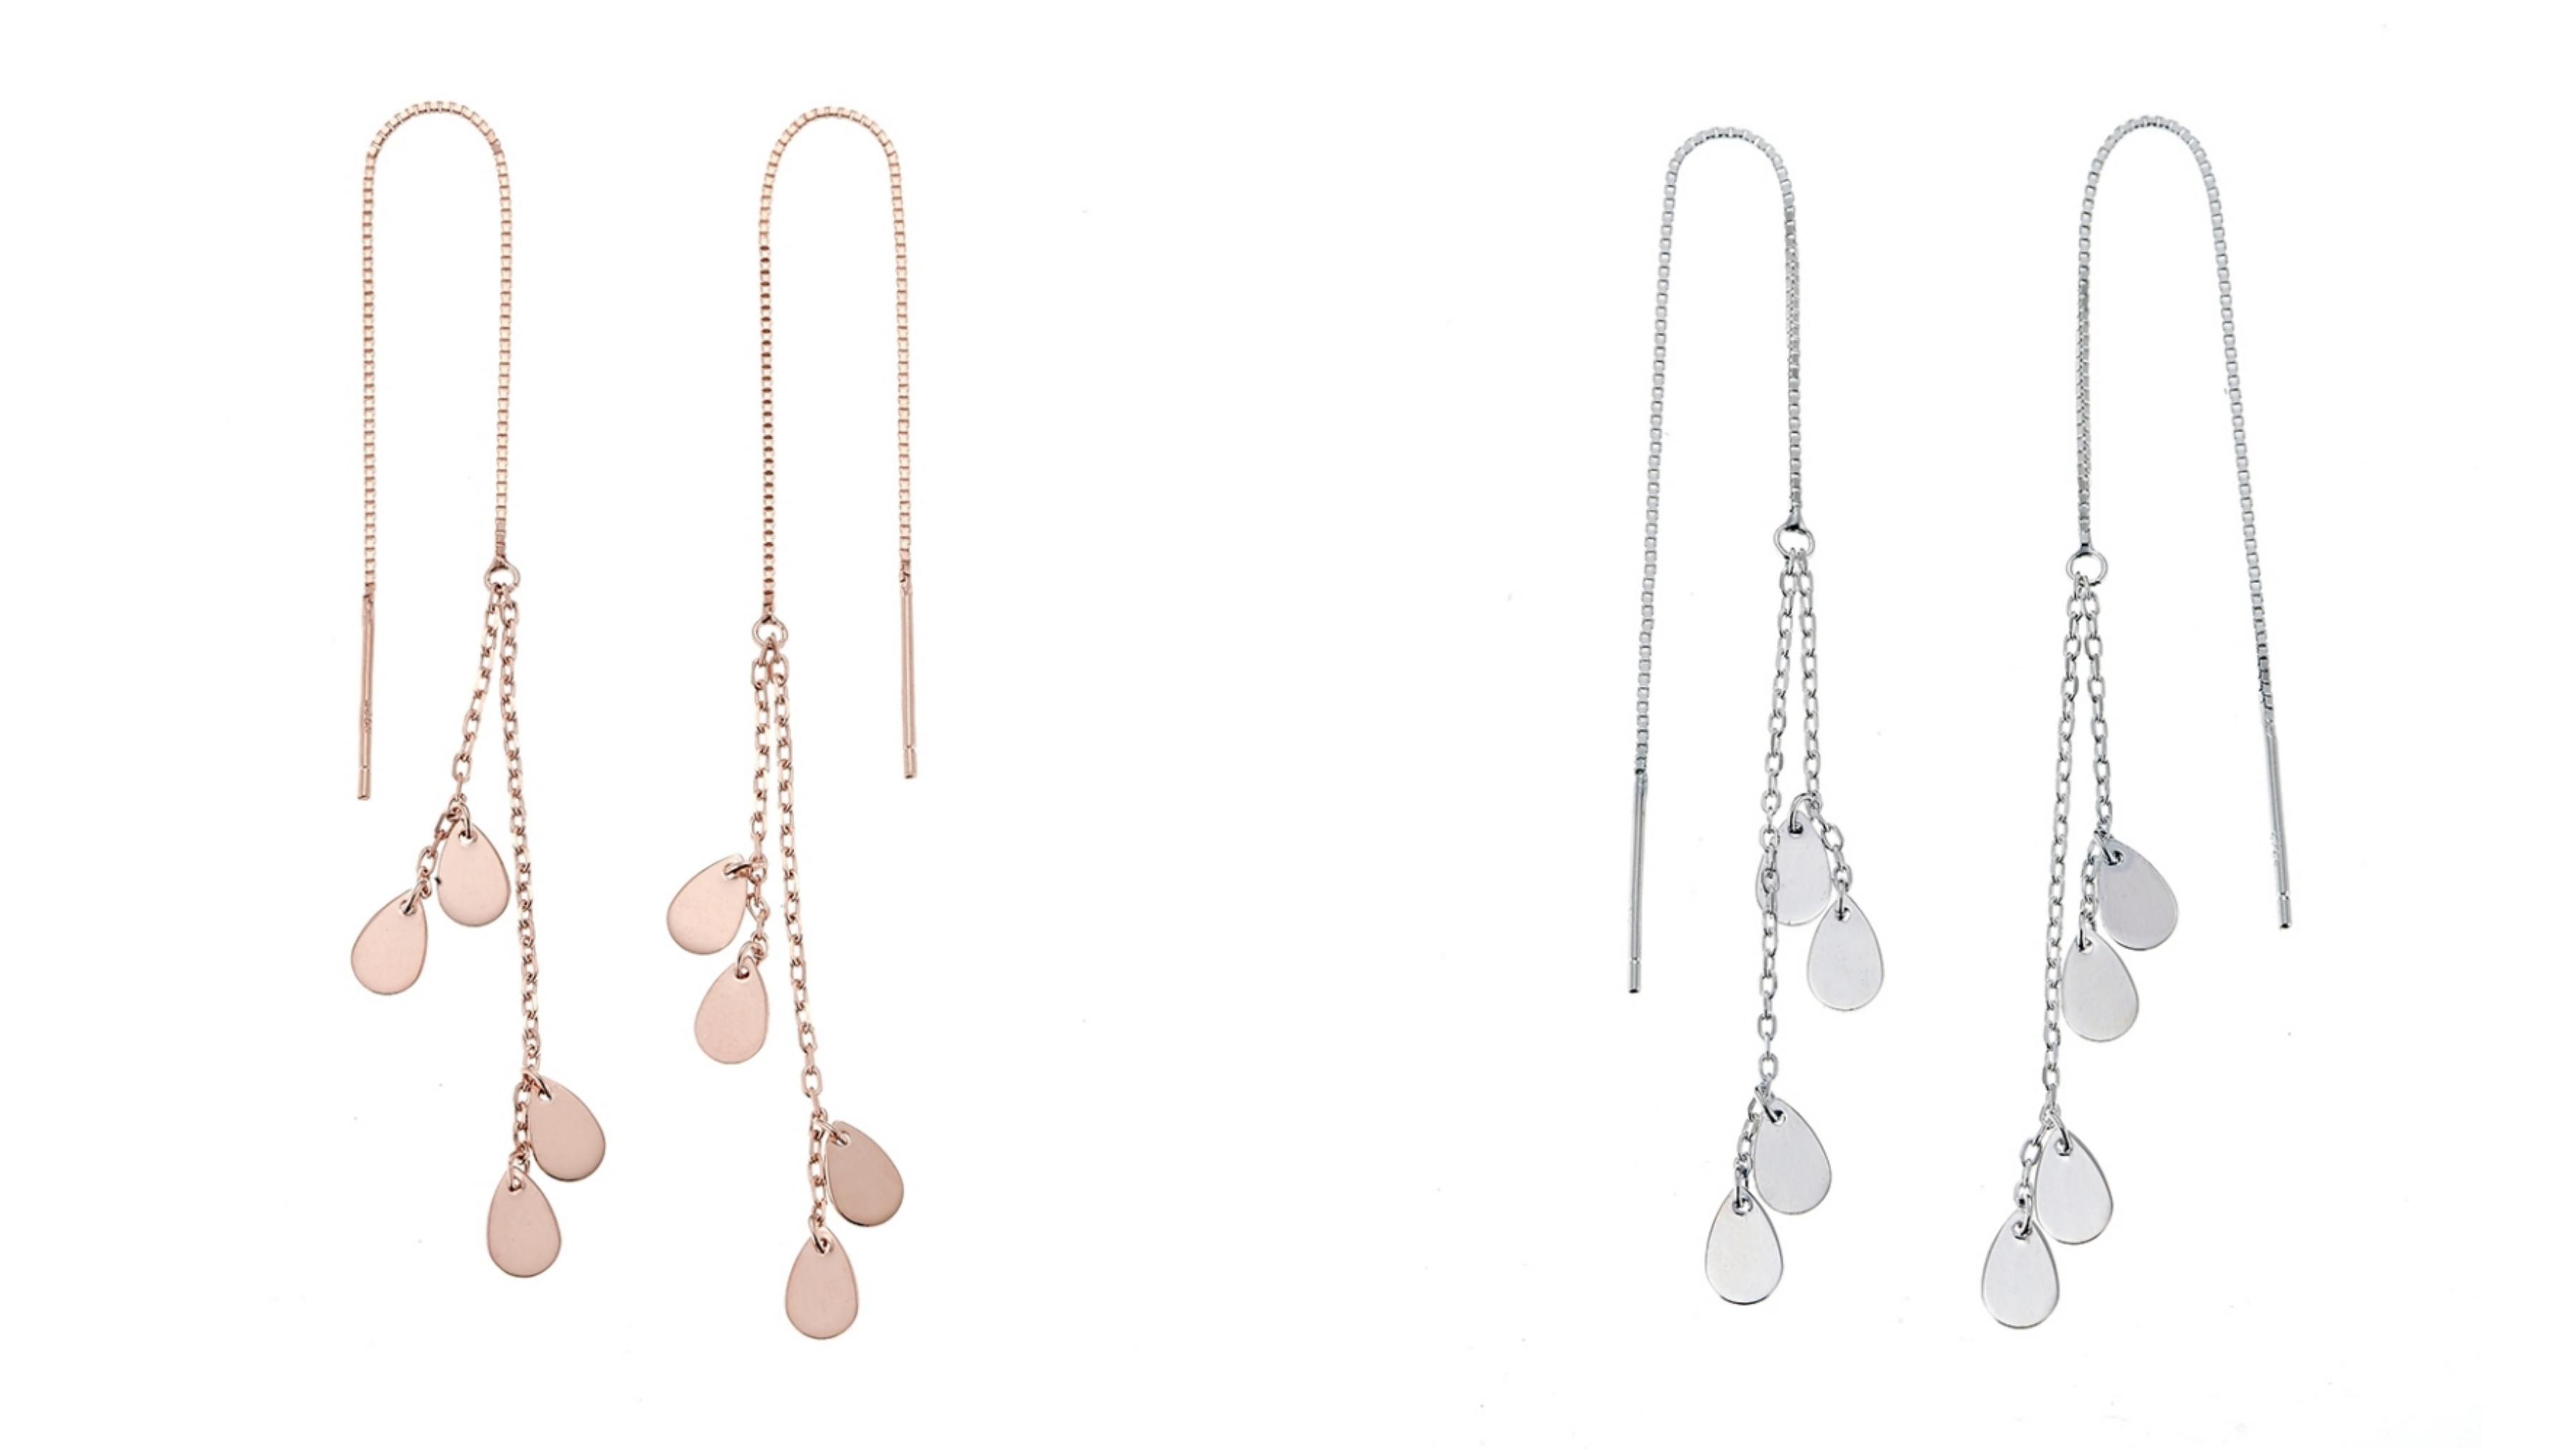 數條純銀飾鍊身交織組合成的層次感,銀鍊下垂吊著純銀水滴造型如同歲月流逝物換星移